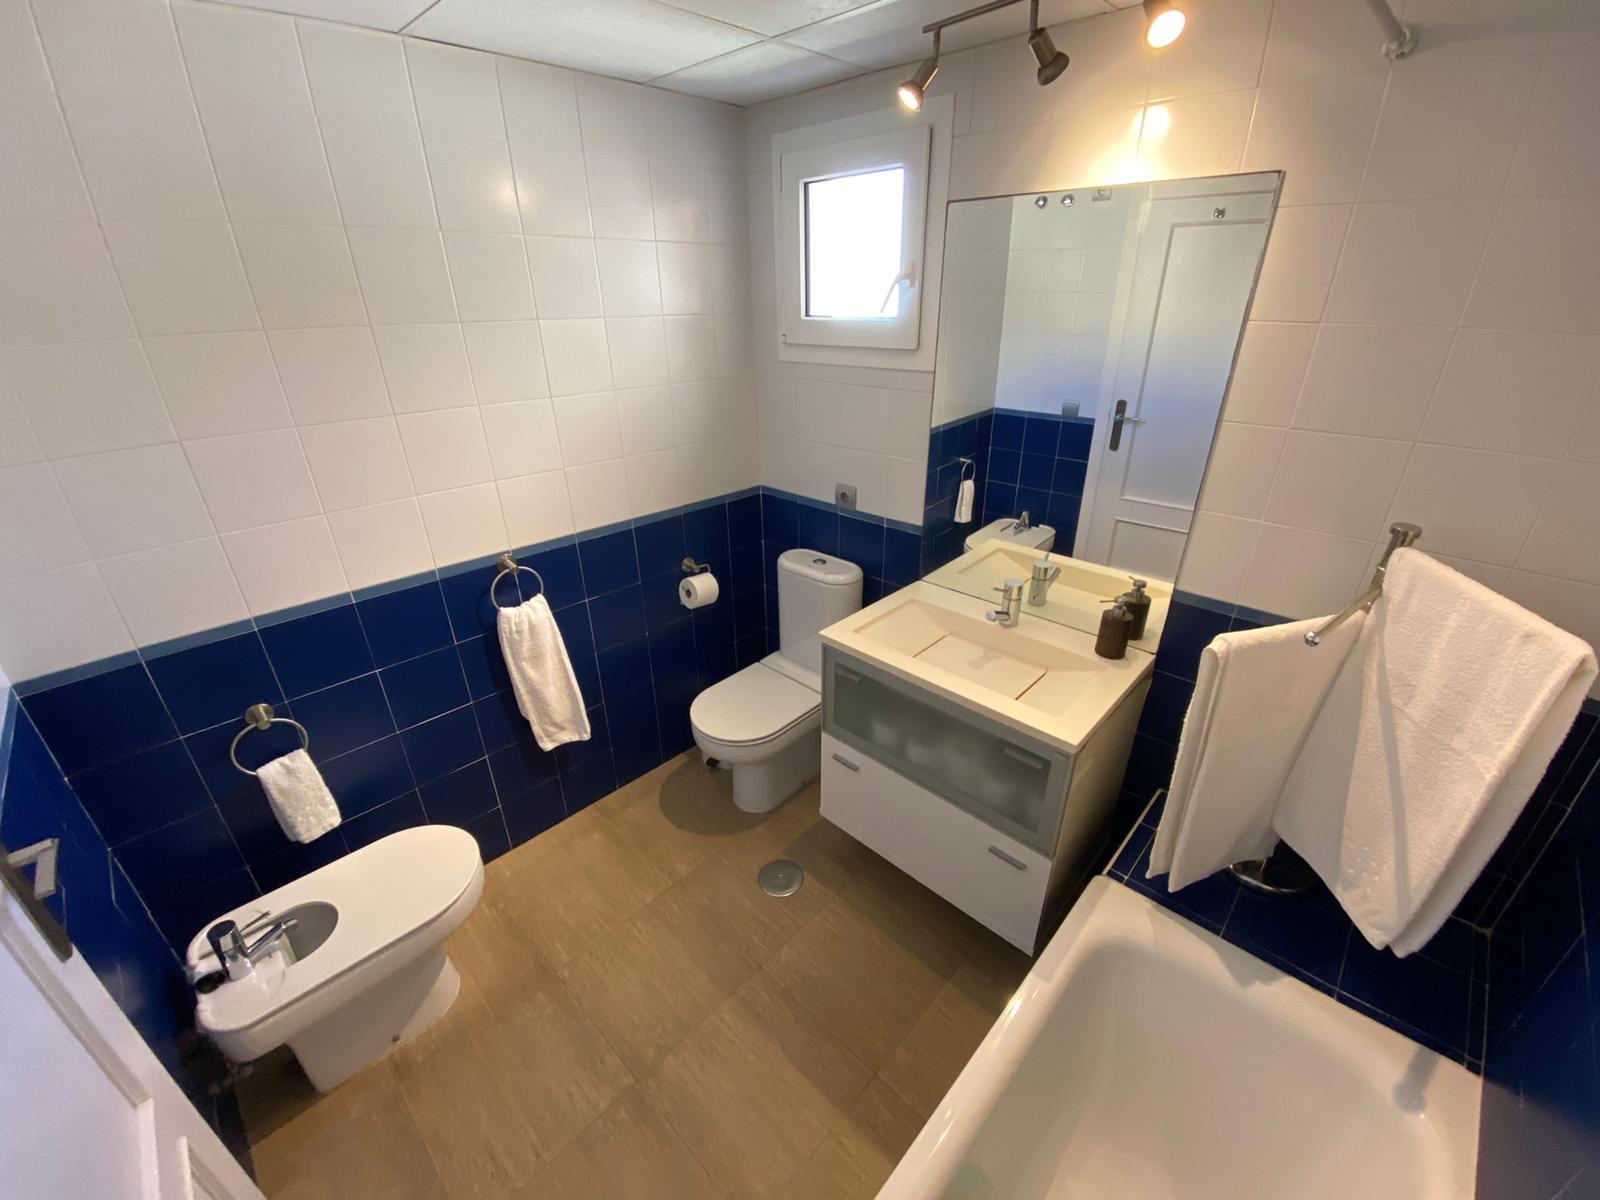 Imagen 23 del Apartamento Turístico, Ático 6 Poniente (3d+2b), Punta del Moral (HUELVA), Paseo de la Cruz nº22